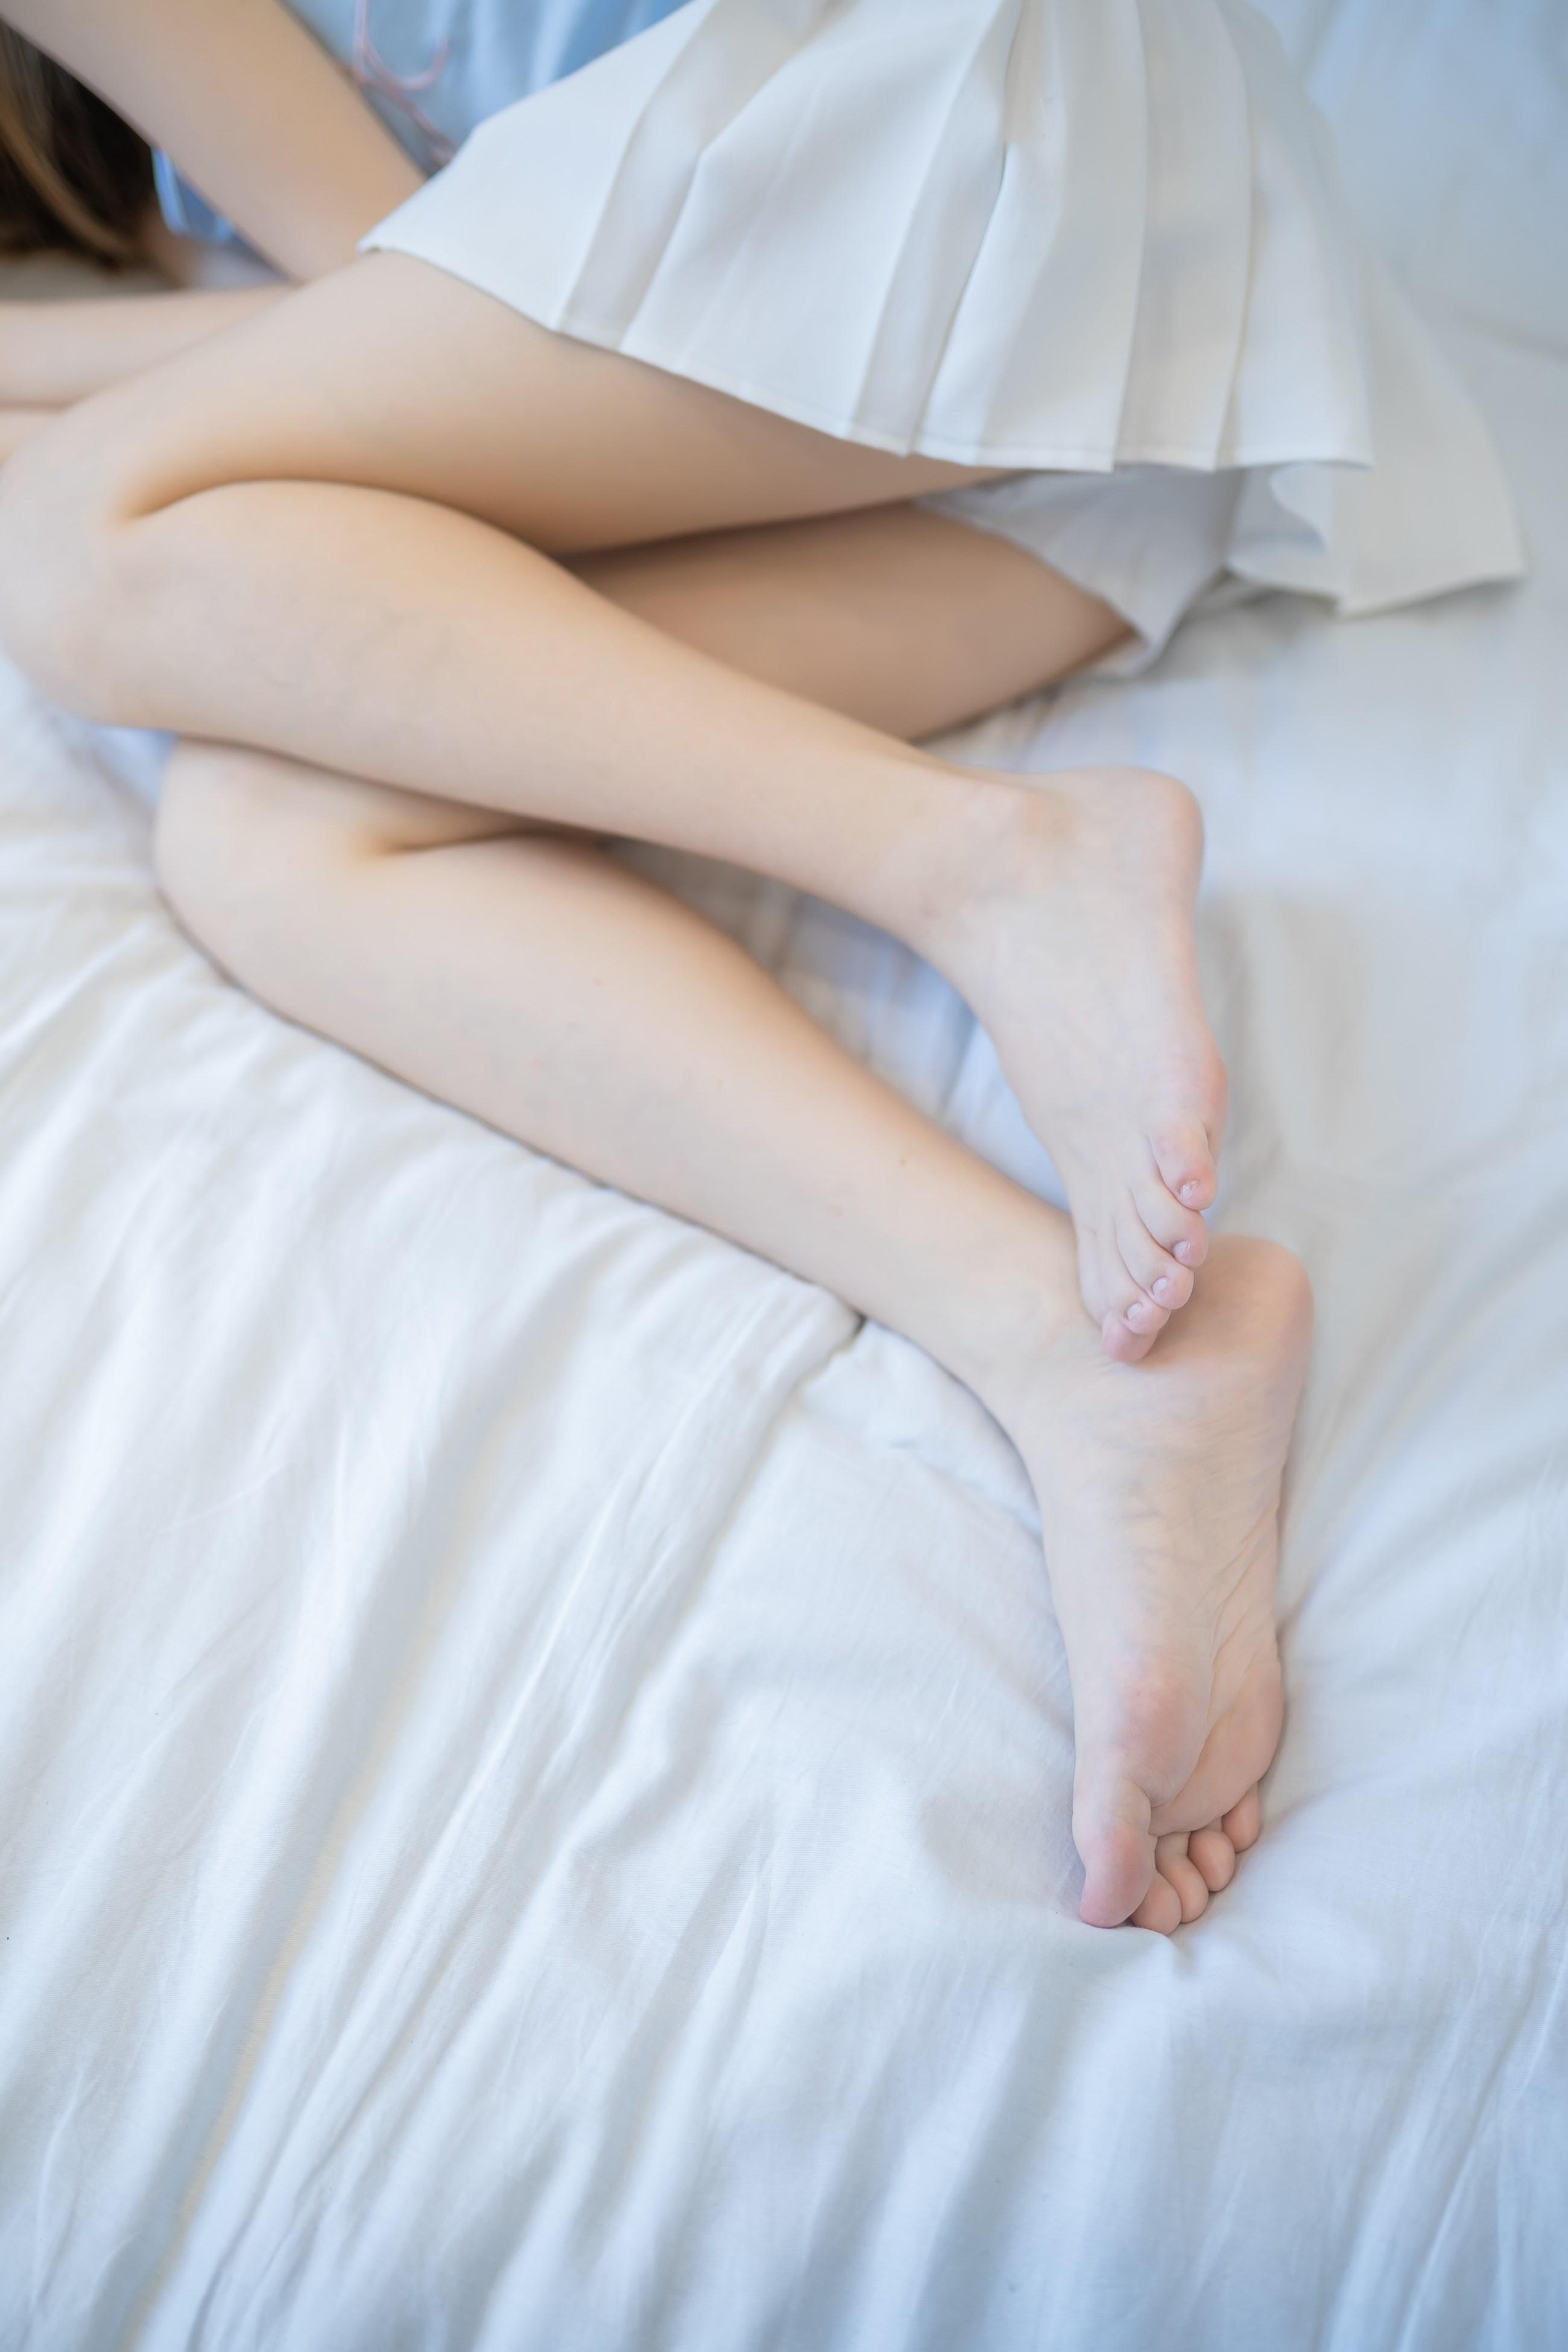 【兔玩映画】白裙果腿少女 兔玩映画 第45张